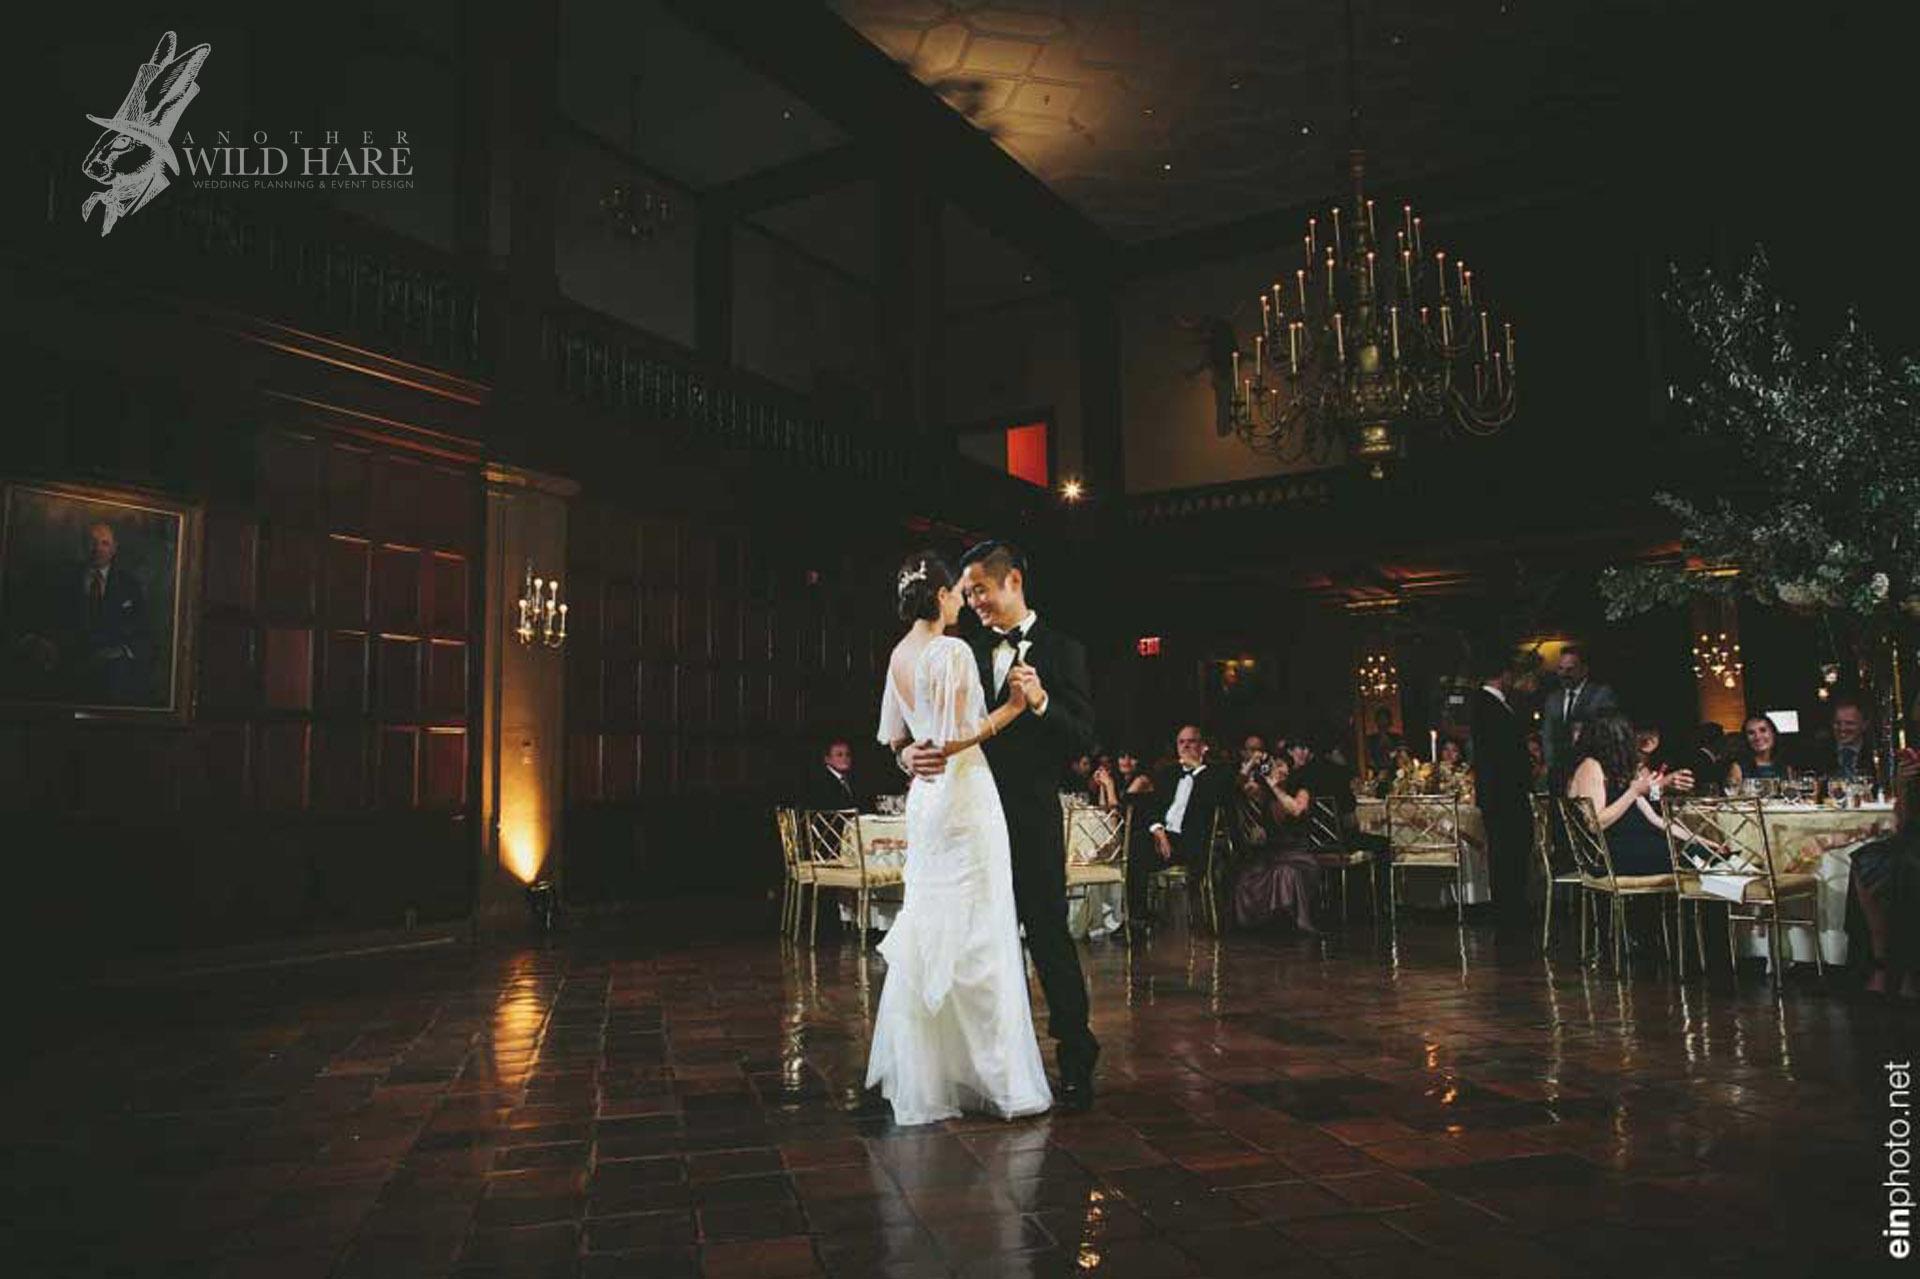 Harvard-Club-Wedding-0029-1024x682 copy